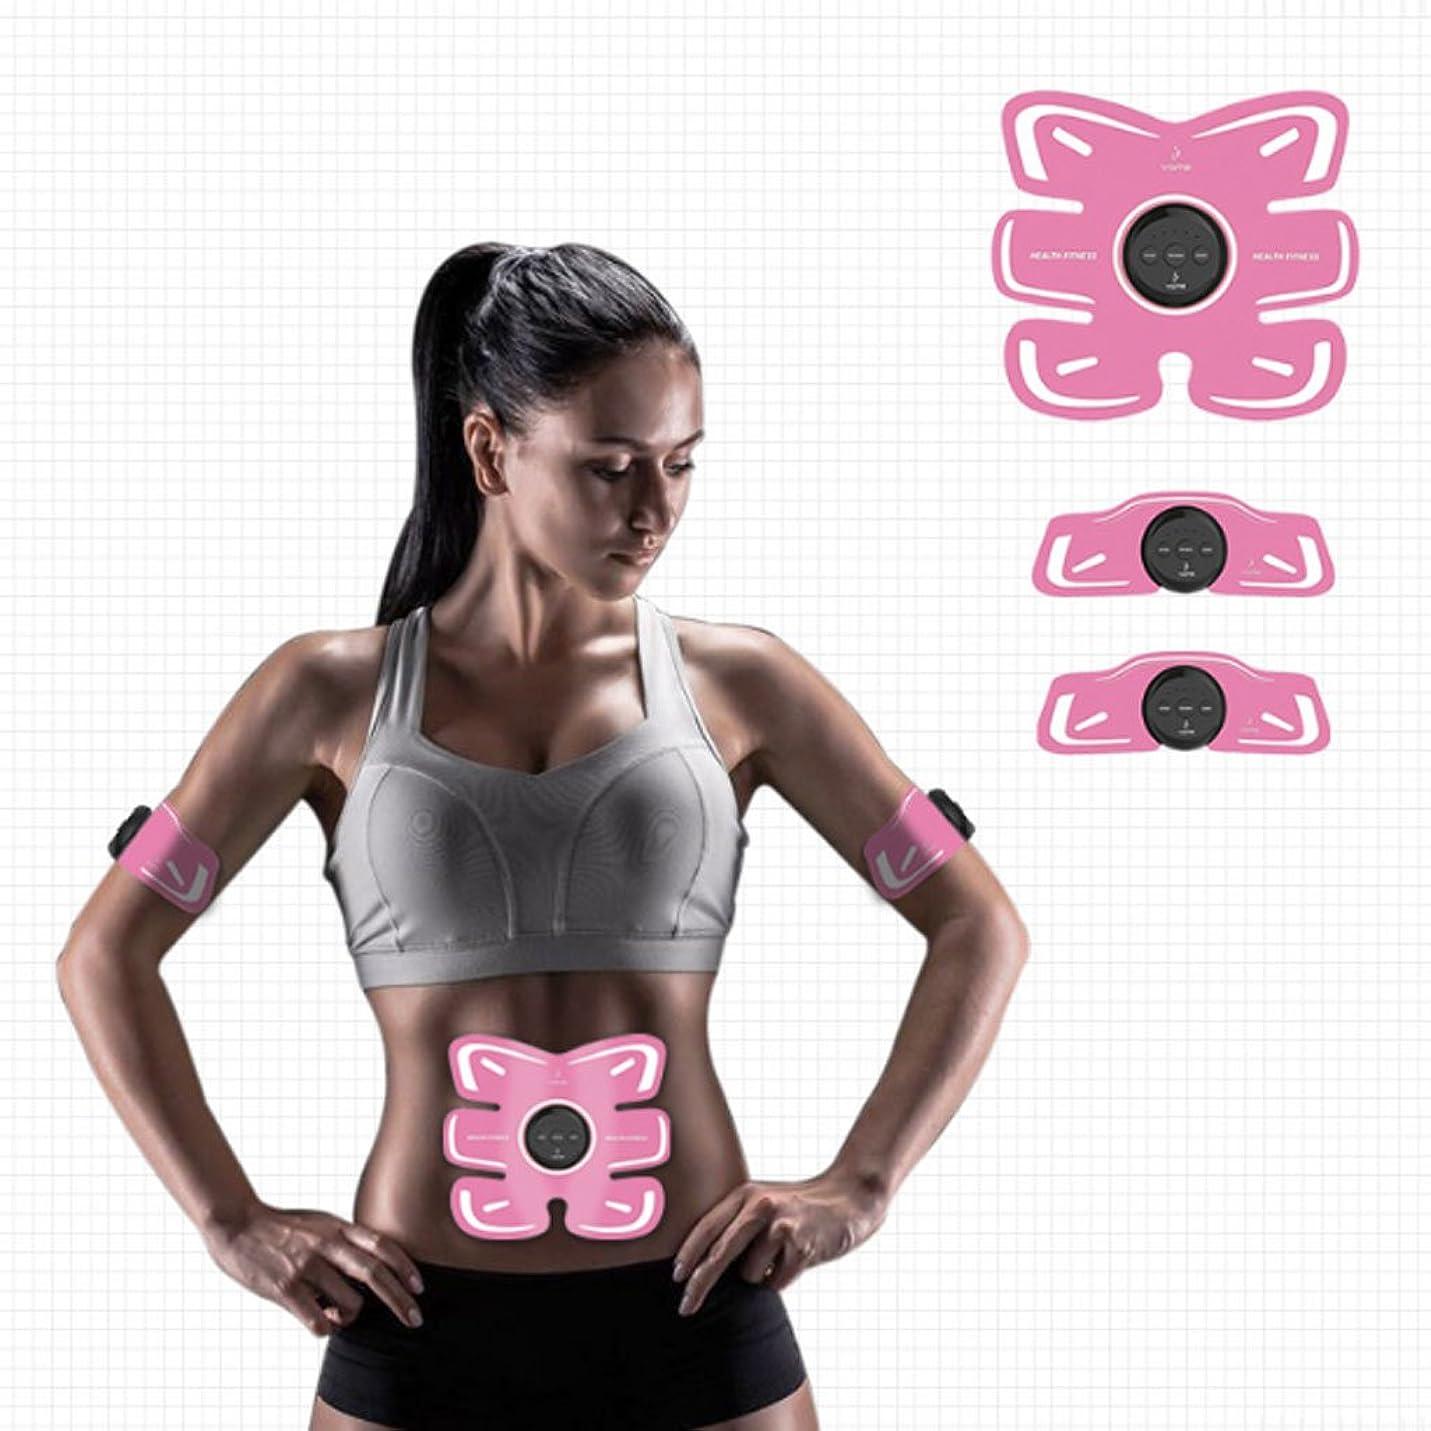 私達テレマコスゴネリルEMS 腹筋ベルト 腹部調整ベルト、男性の腹部/脚/腕の強さのレベル